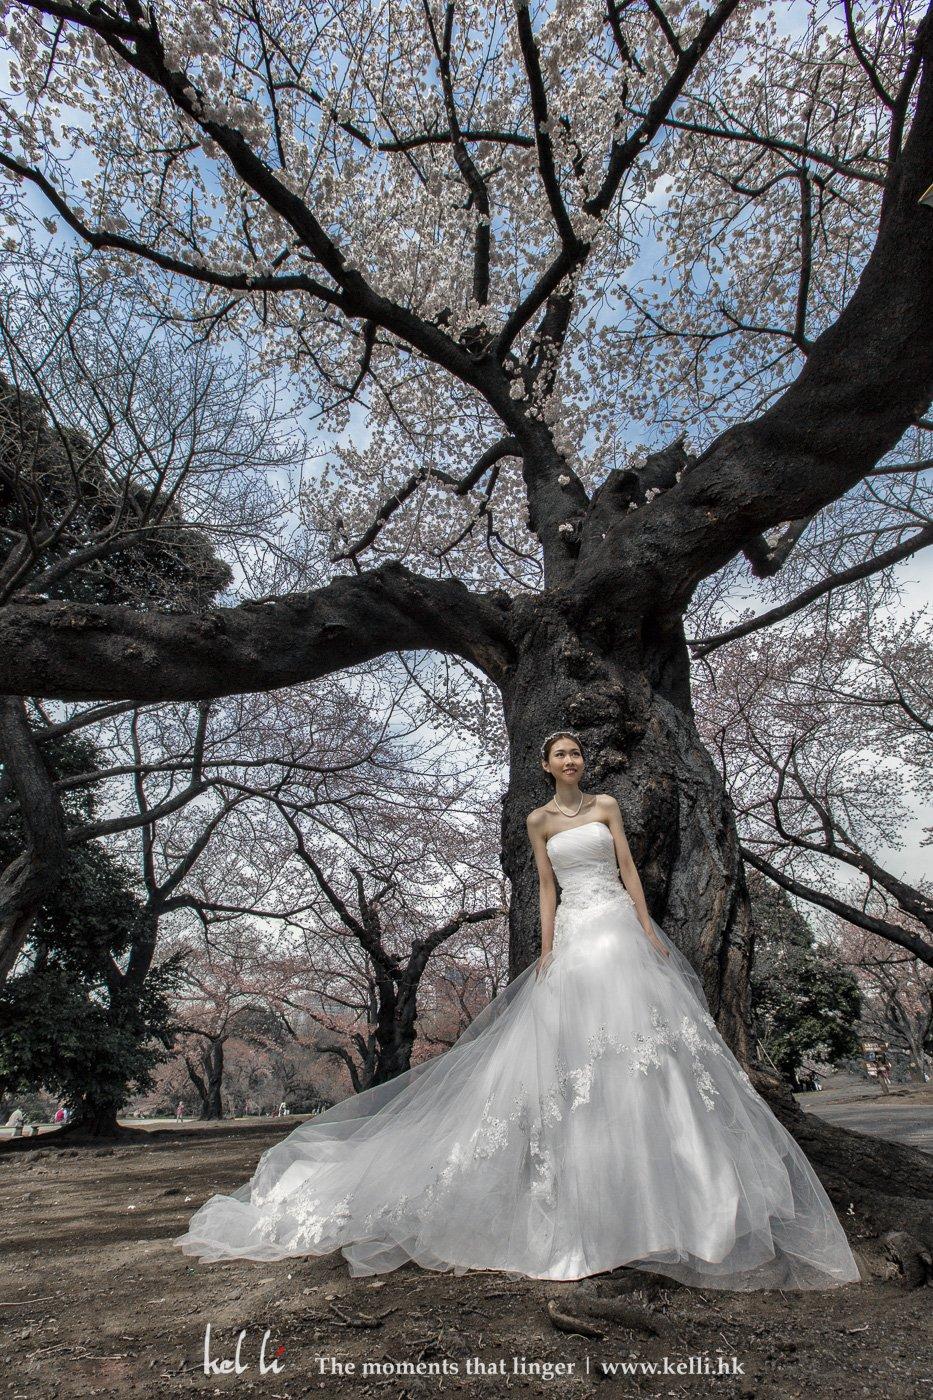 櫻花樹下的新娘,份外美麗